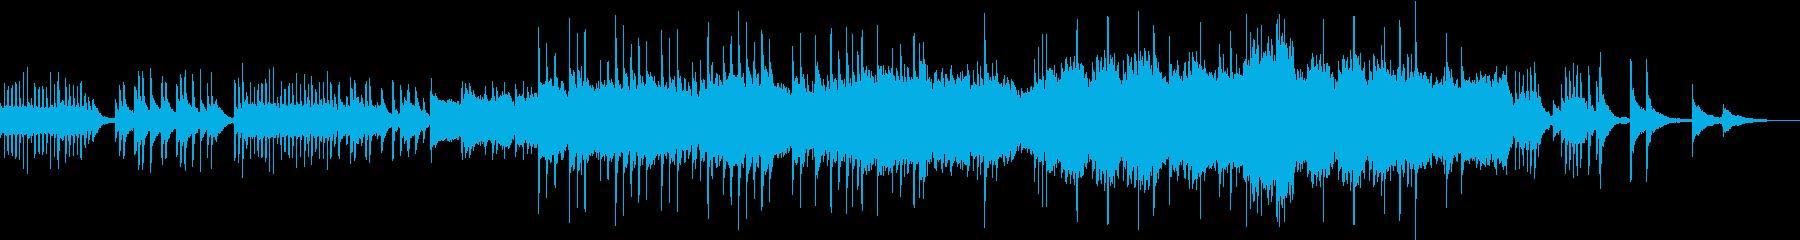 ピアノとストリングスの感動的なバラードの再生済みの波形